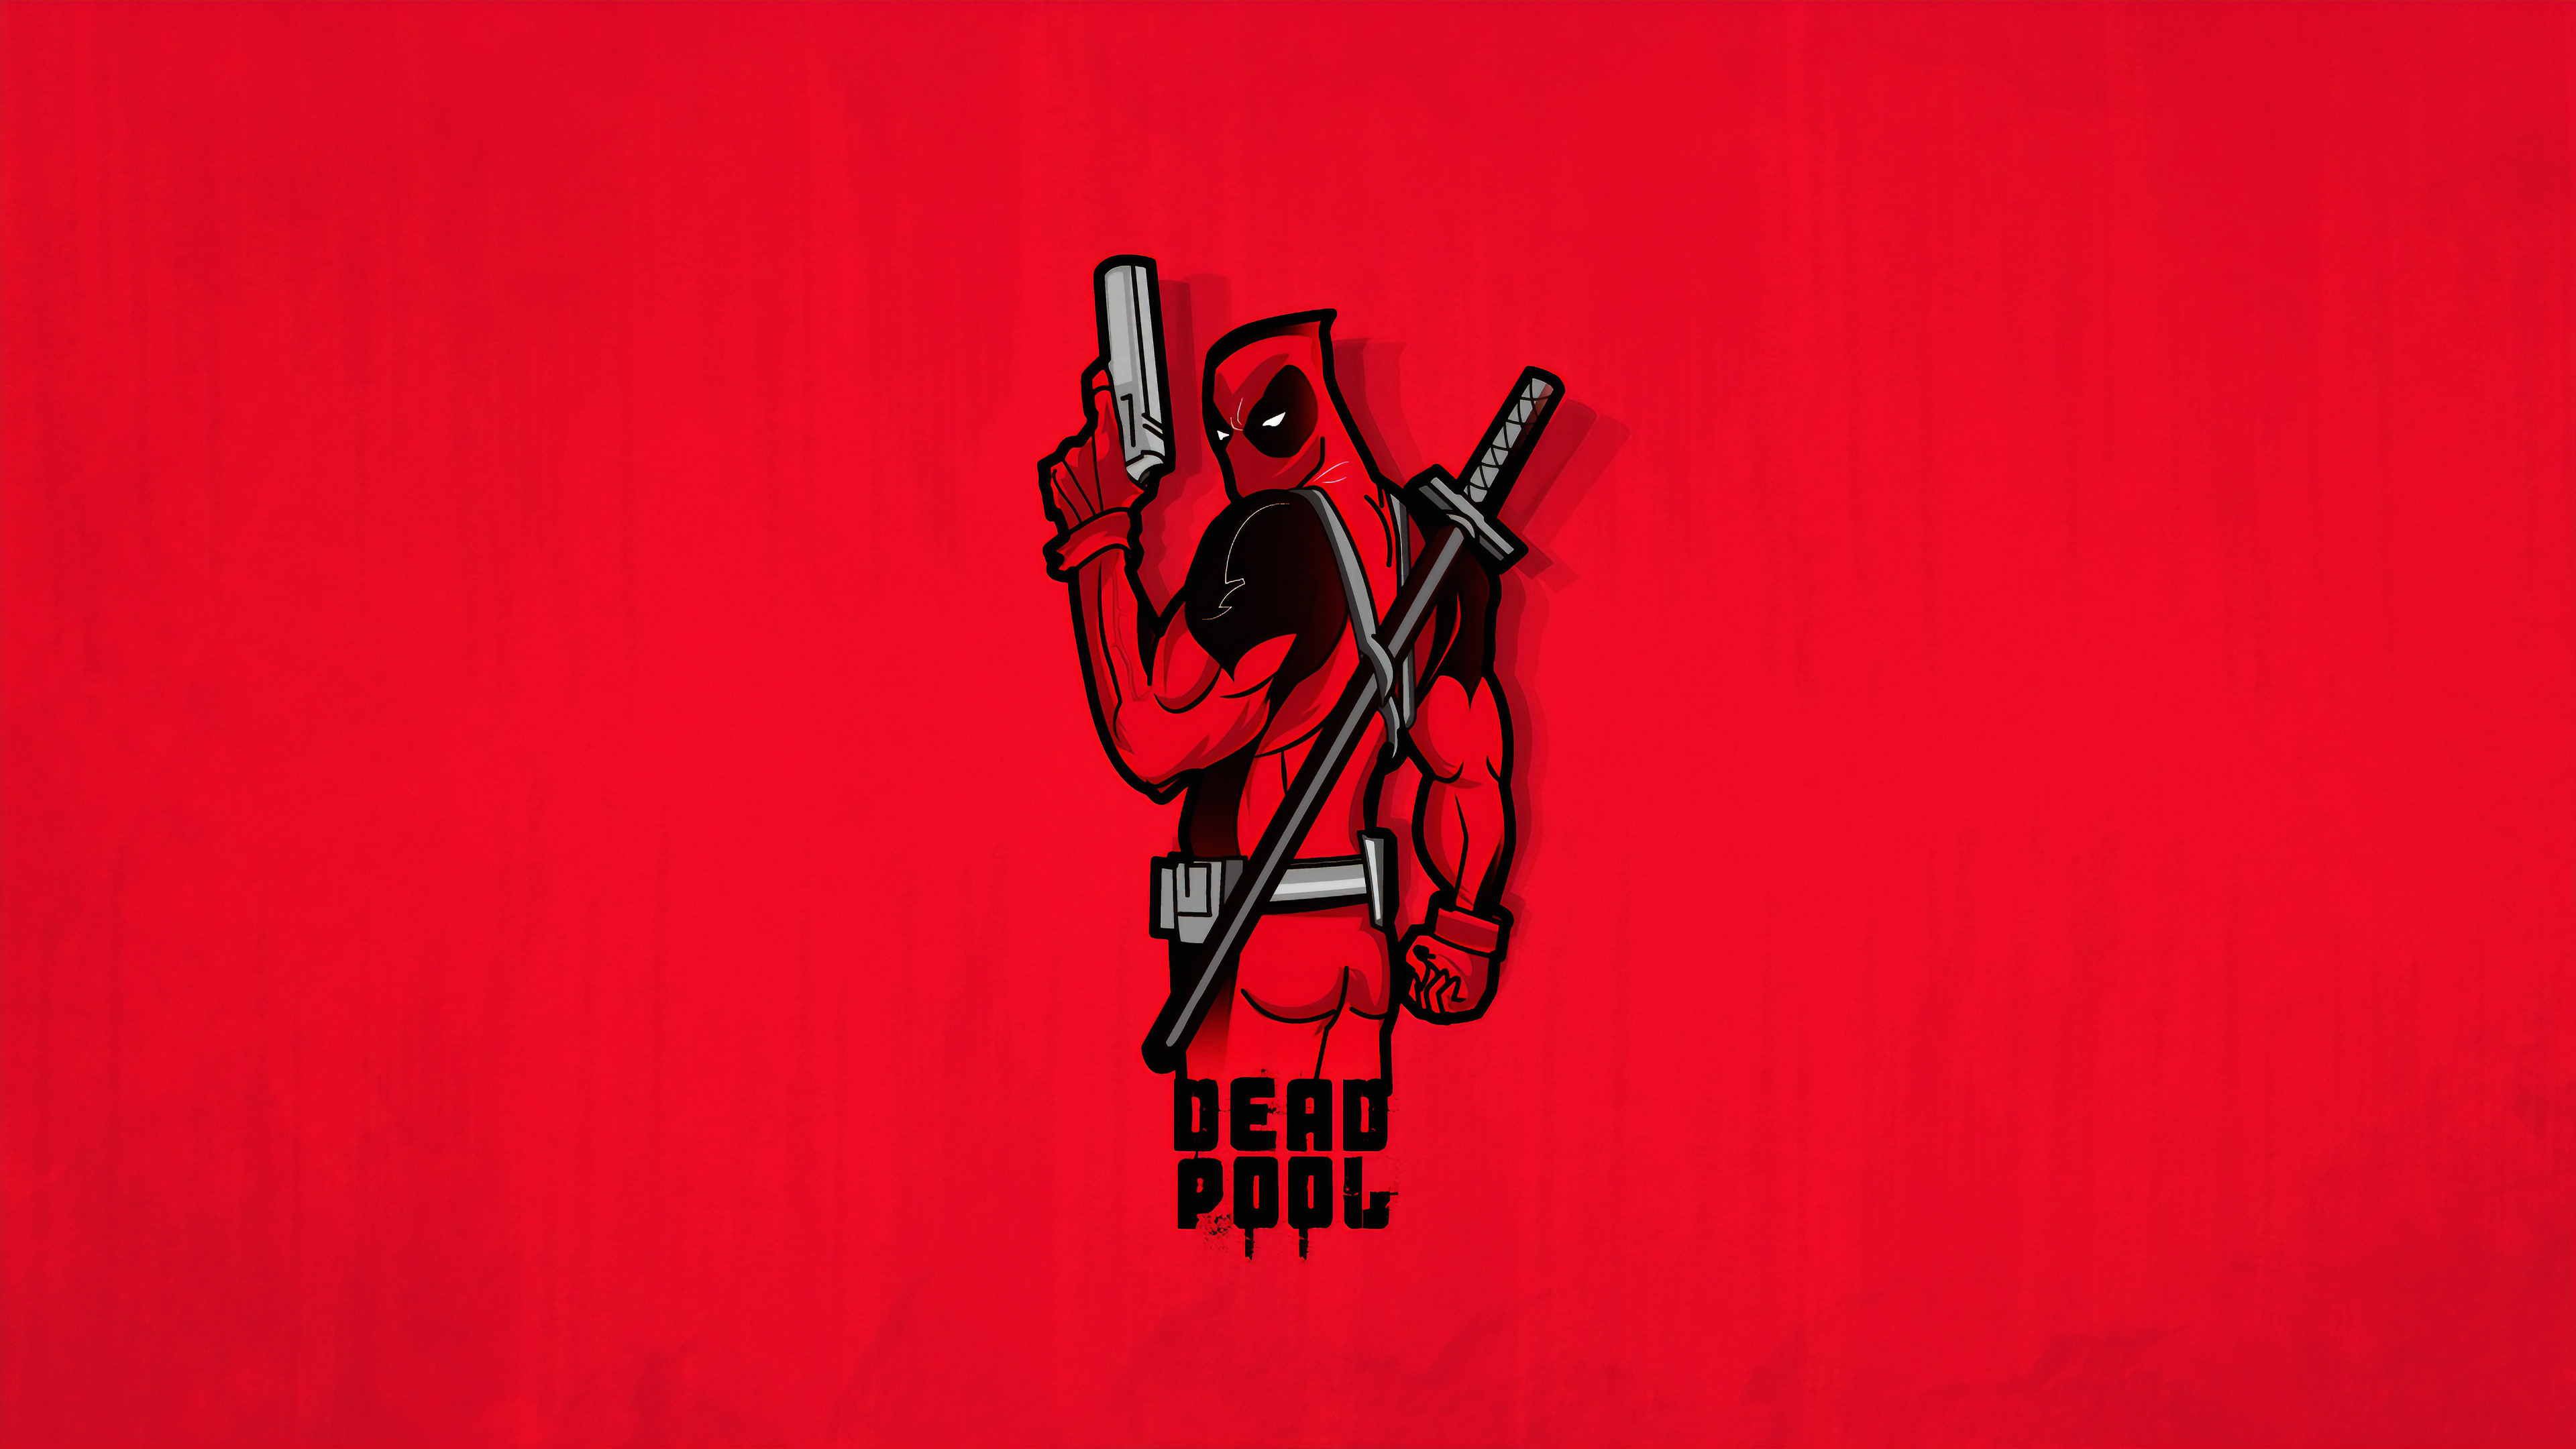 deadpool minimal 1565054144 - Deadpool Minimal - superheroes wallpapers, hd-wallpapers, digital art wallpapers, deadpool wallpapers, behance wallpapers, artwork wallpapers, artist wallpapers, 4k-wallpapers